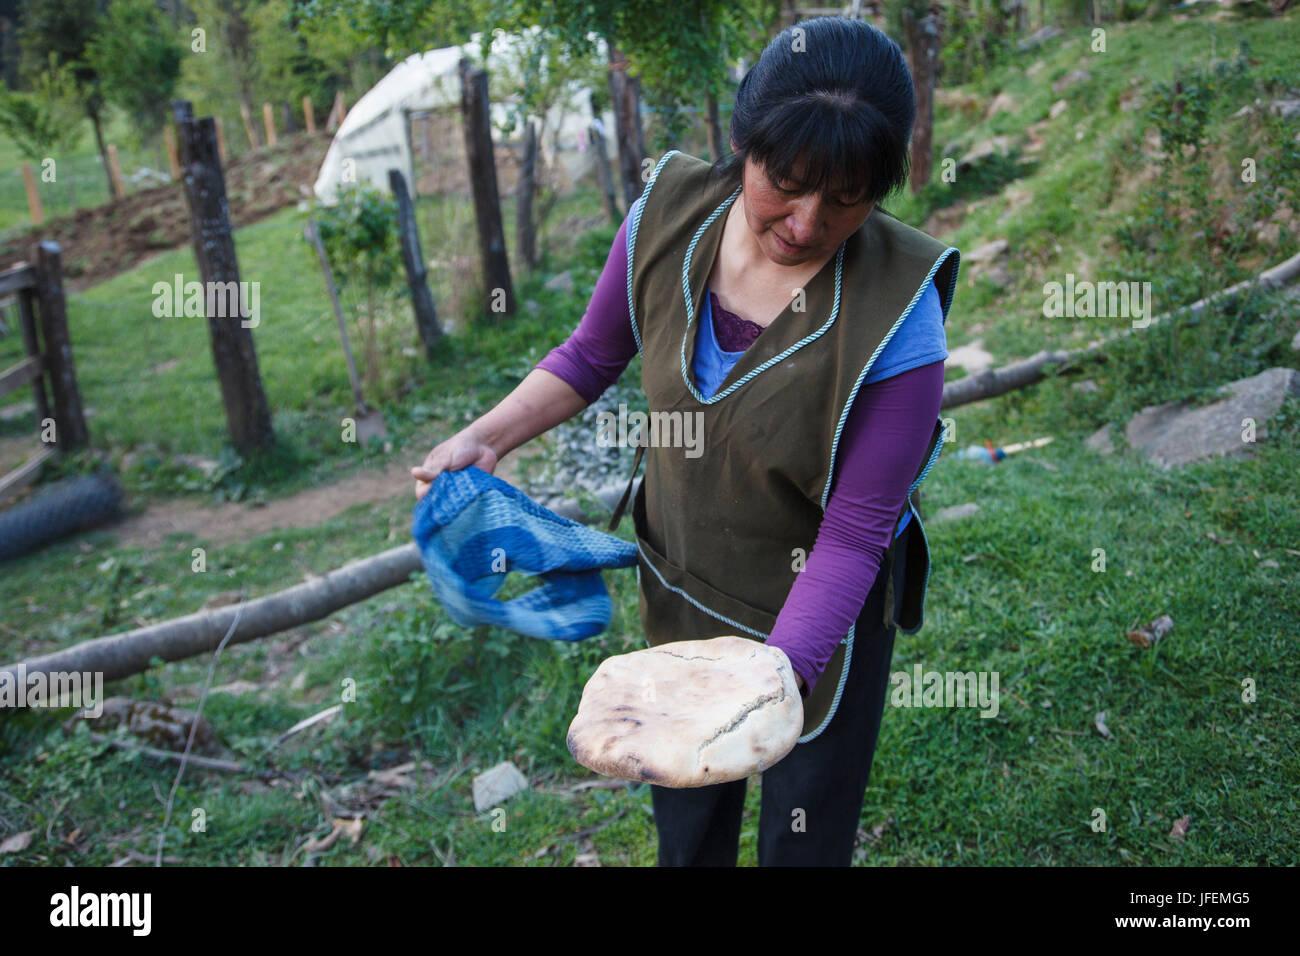 Chile, Araucania, Alto bio bio, Mapuche, woman, ash of the home-baked bread knock off, - Stock Image